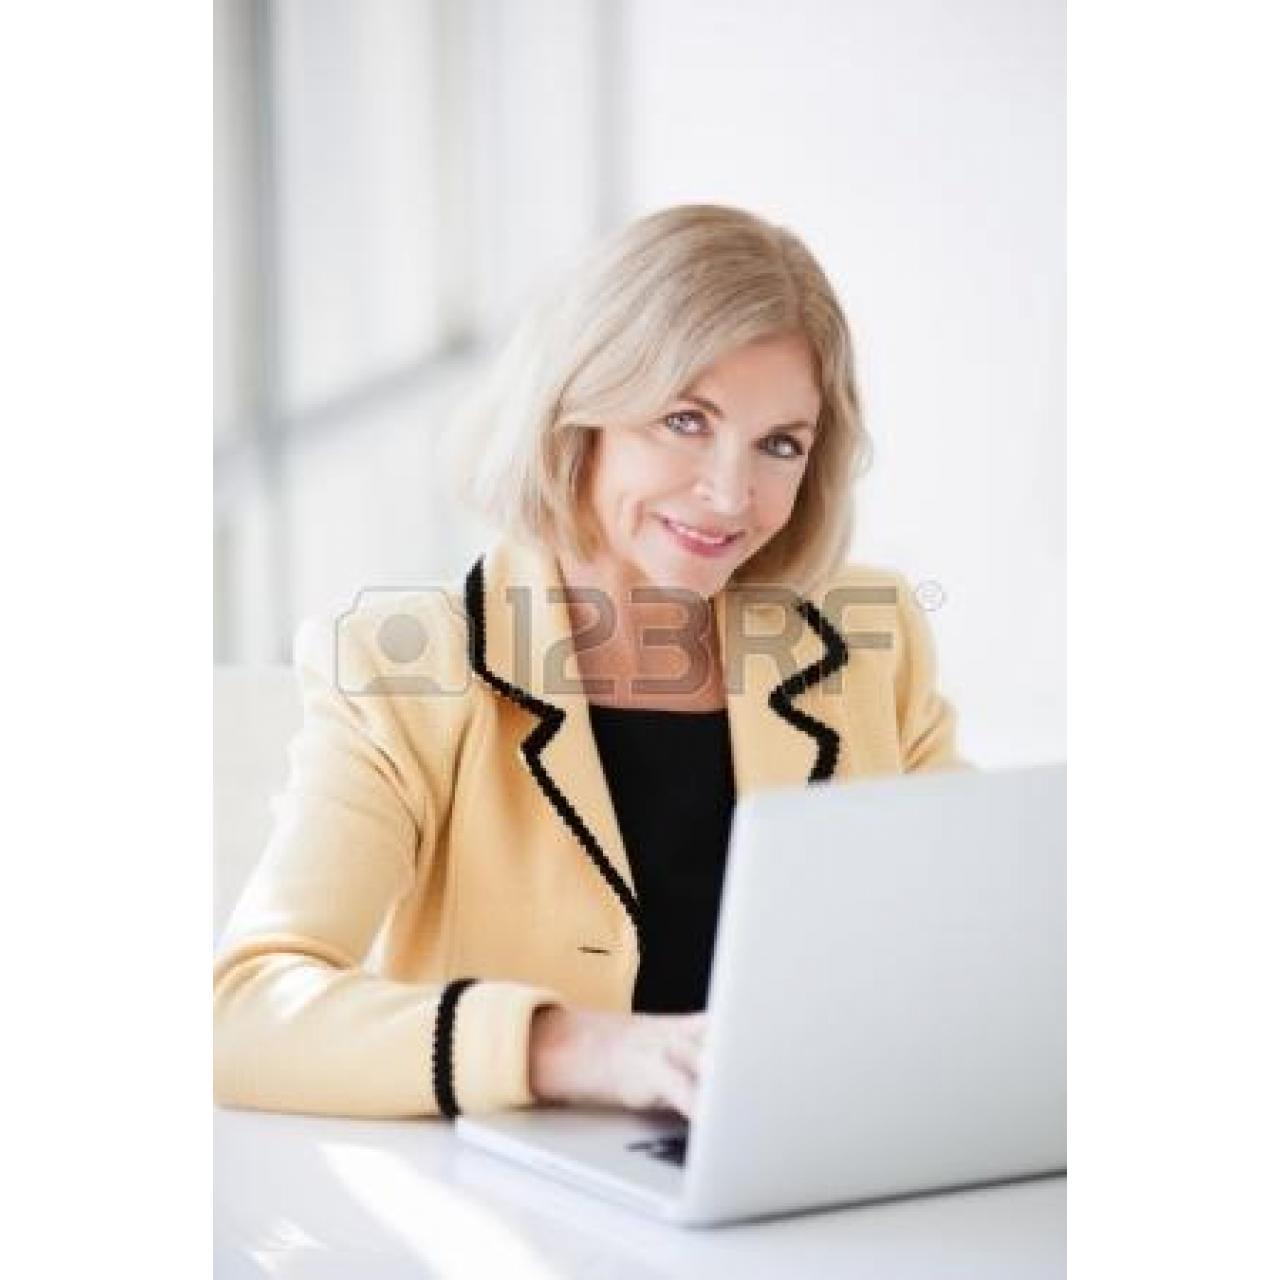 Sprawdzona metoda dla dorosłych – niemiecki przez Skype